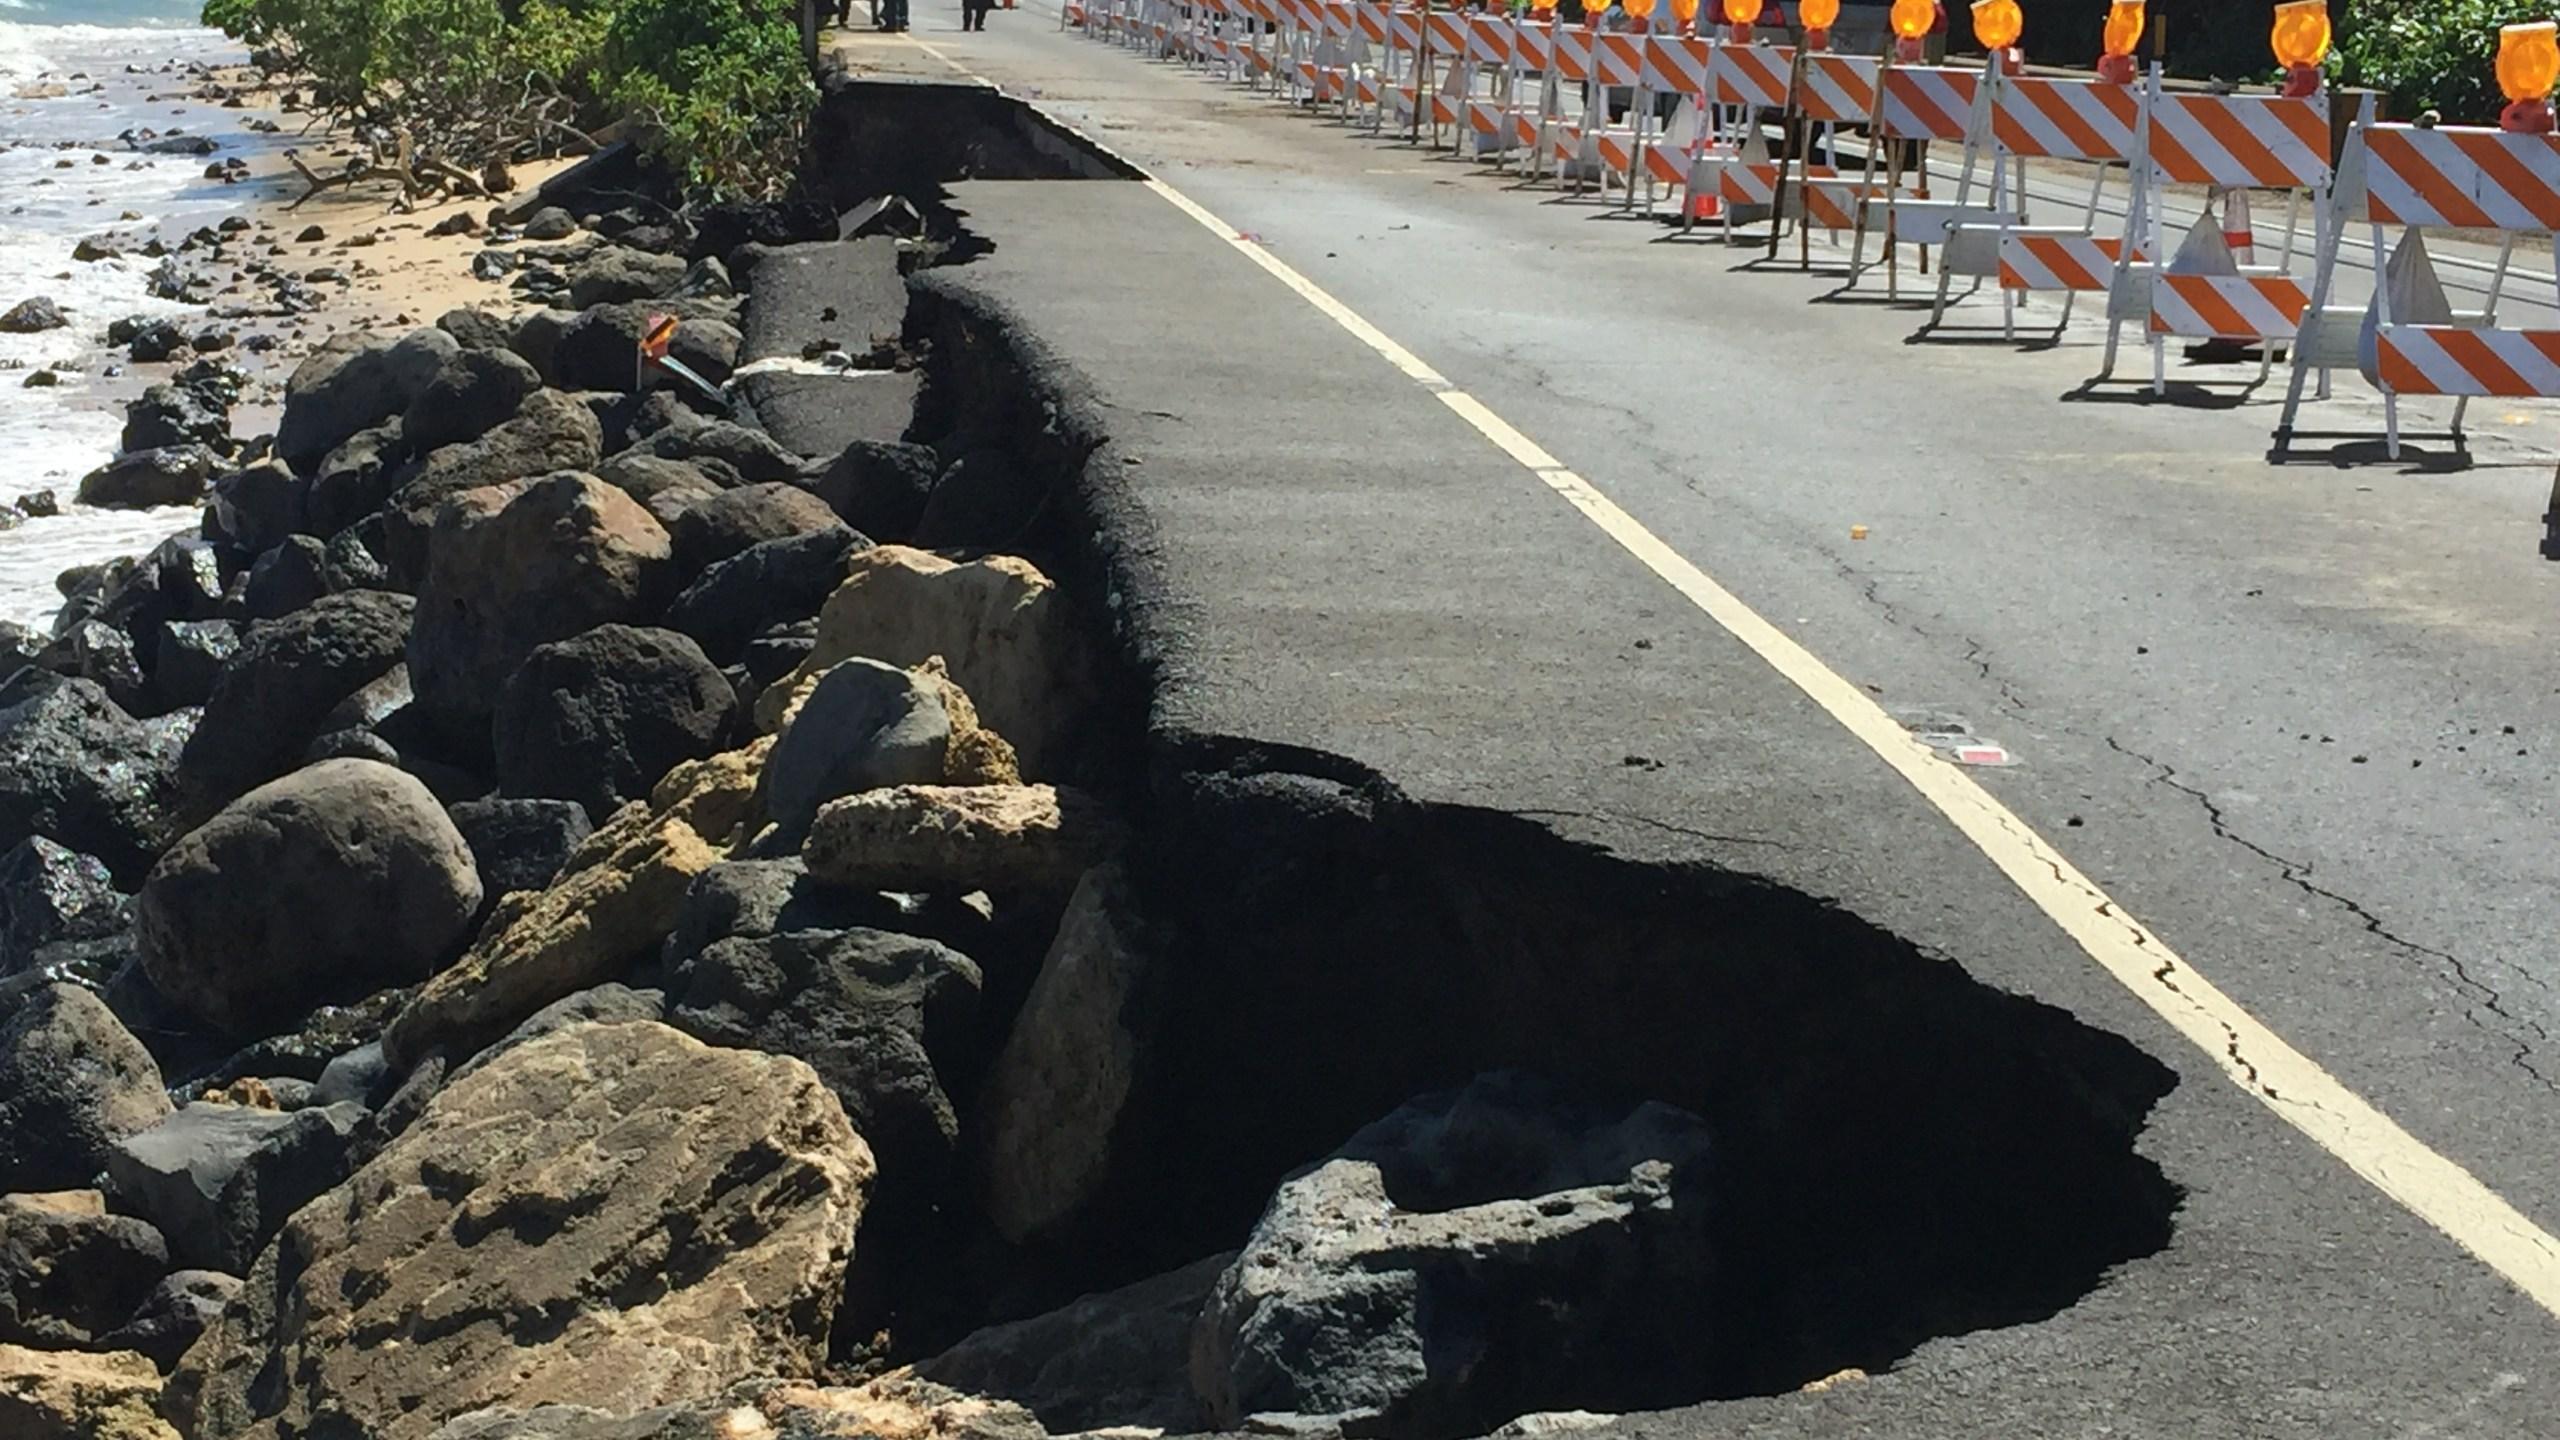 kaaawa kamehameha highway damage_142957